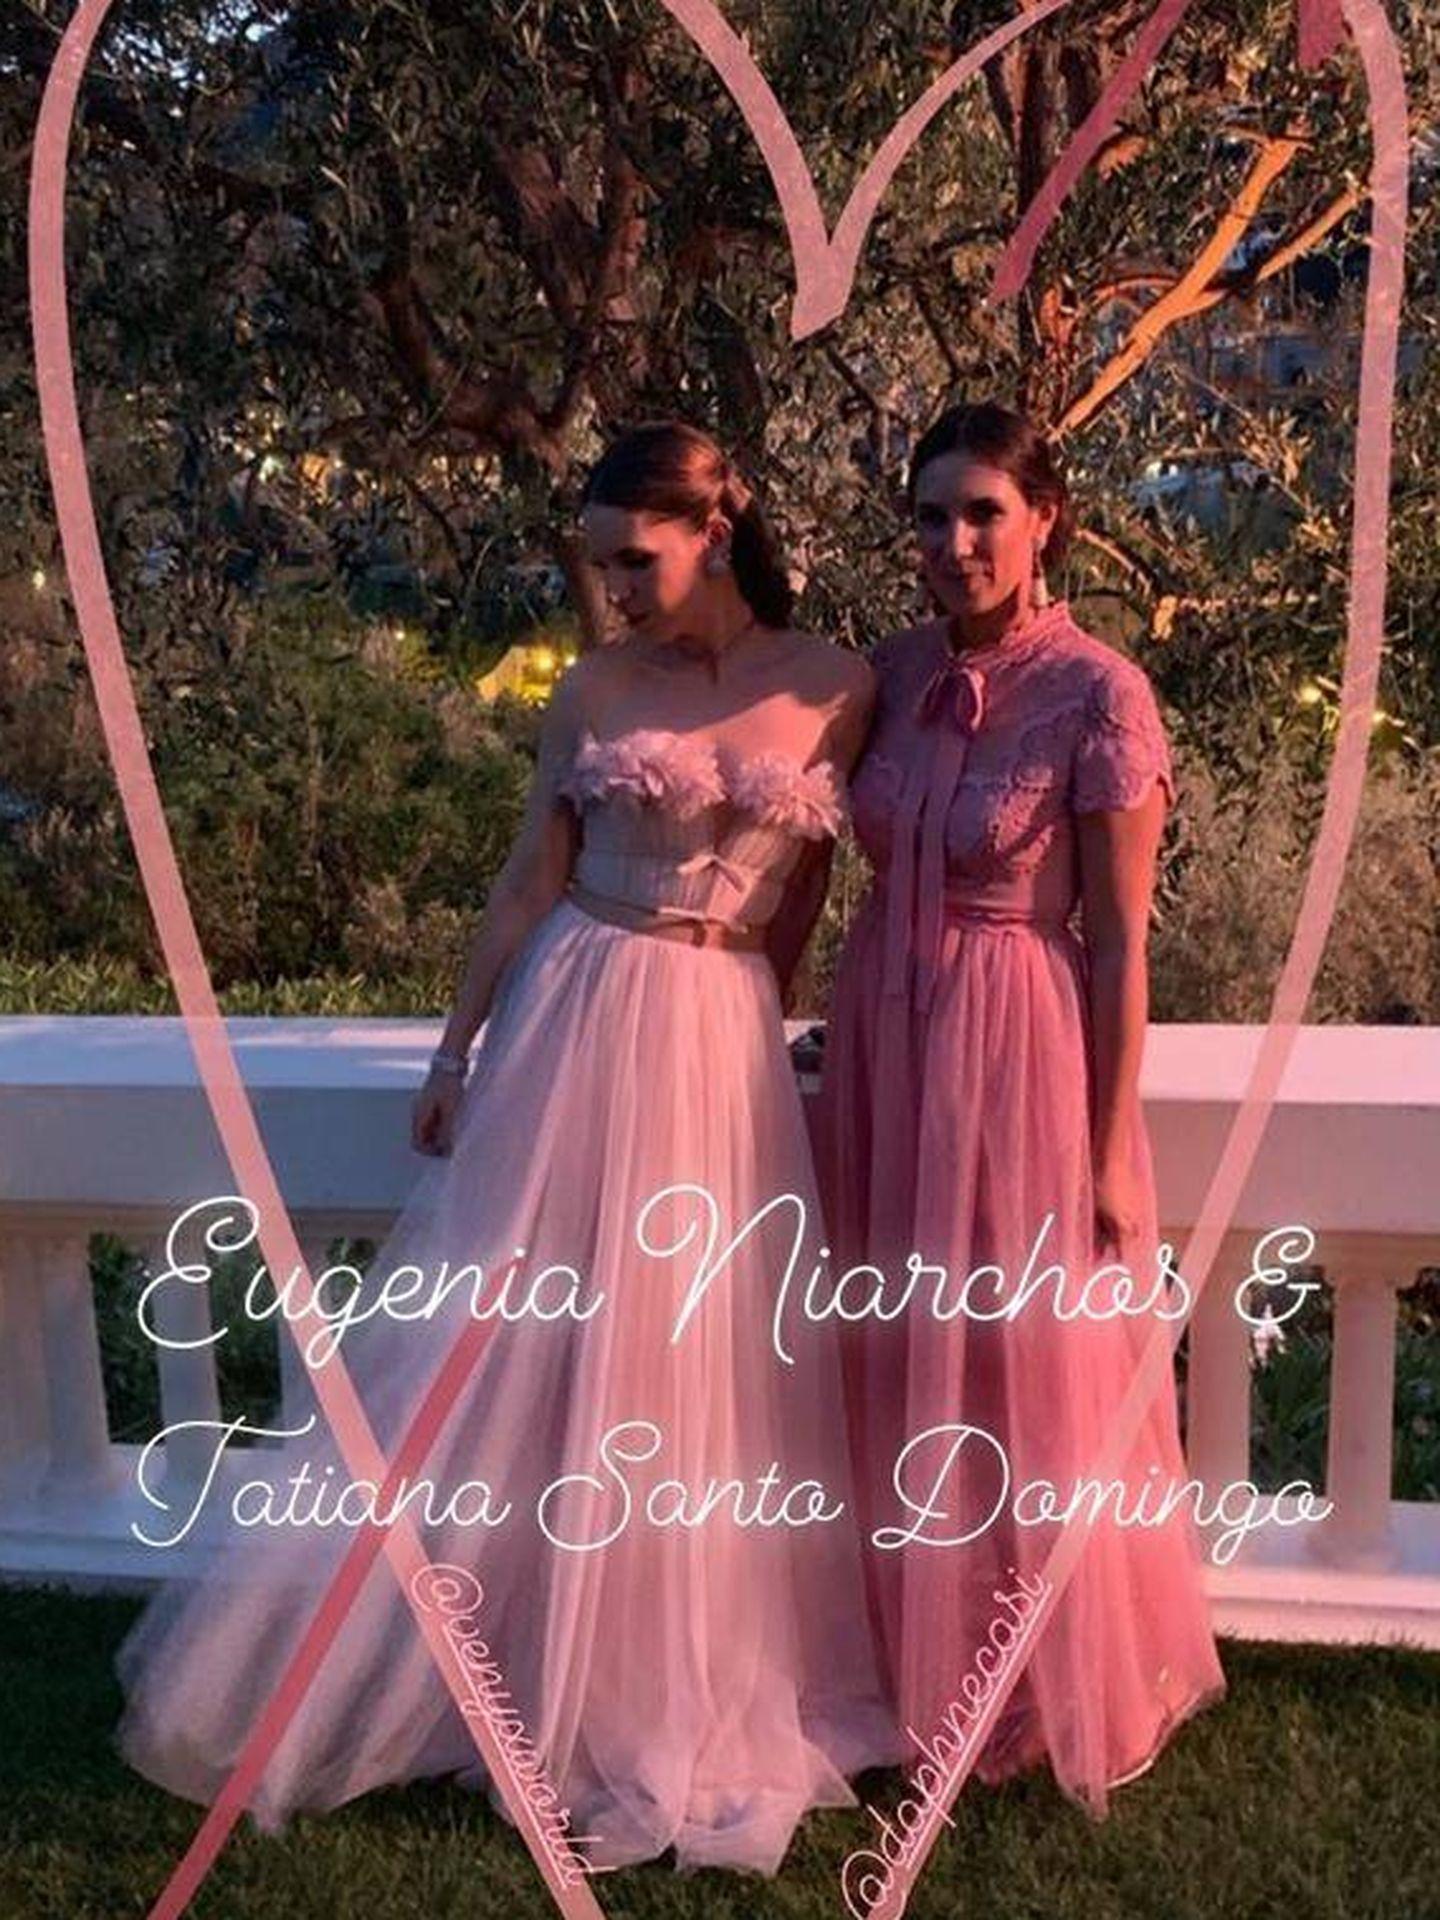 Tatiana Santo Domingo y Eugenie Niarchos cual princesas en la fiesta de la boda de Carlota Casiraghi y Dimitri Rassam. (Instagram)